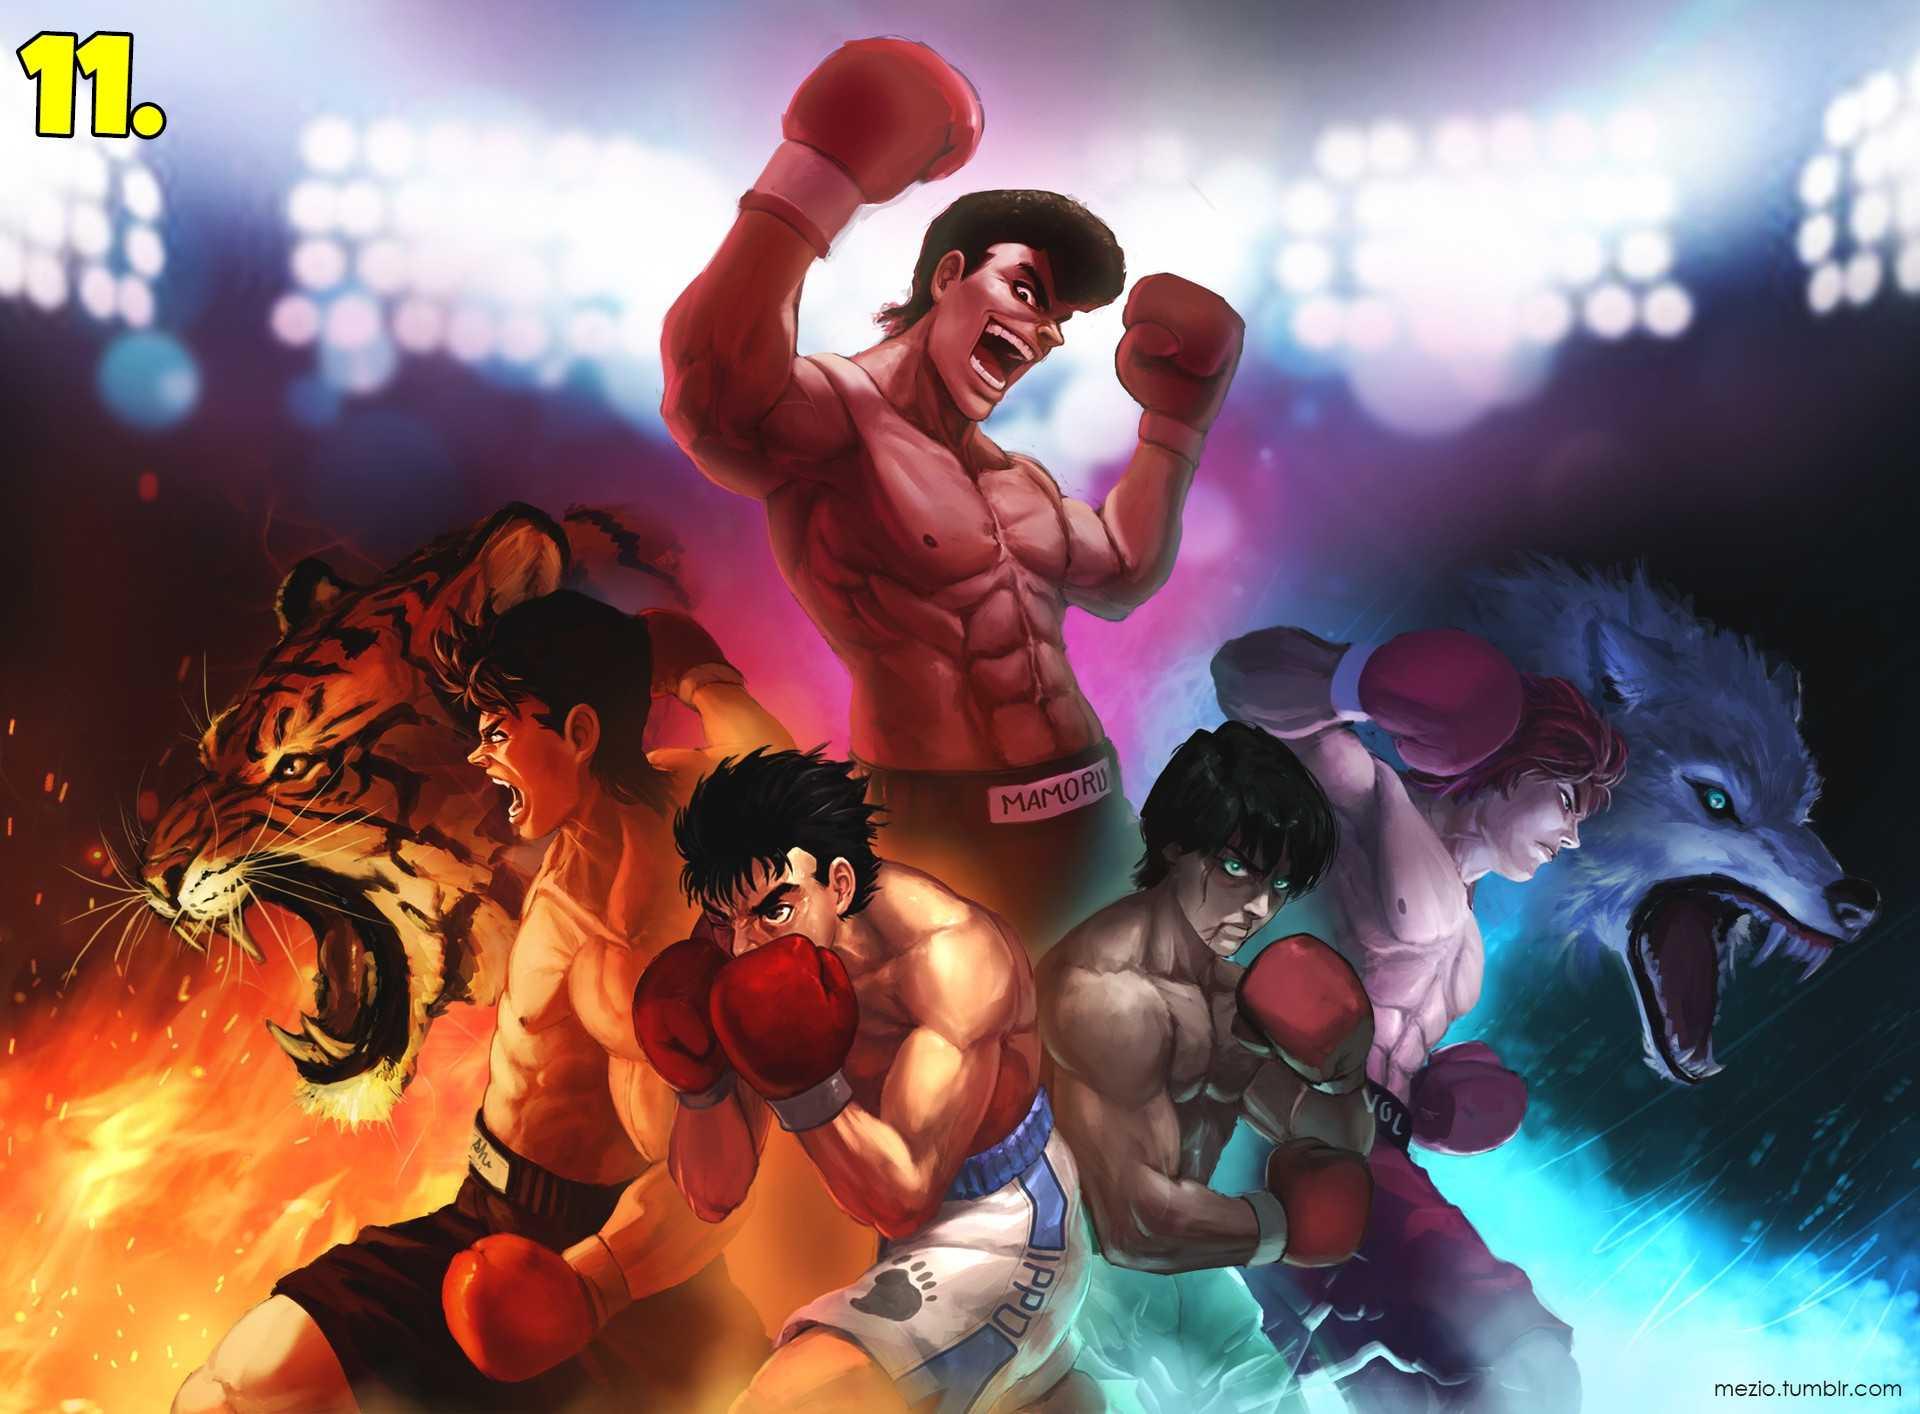 Martial Arts Anime